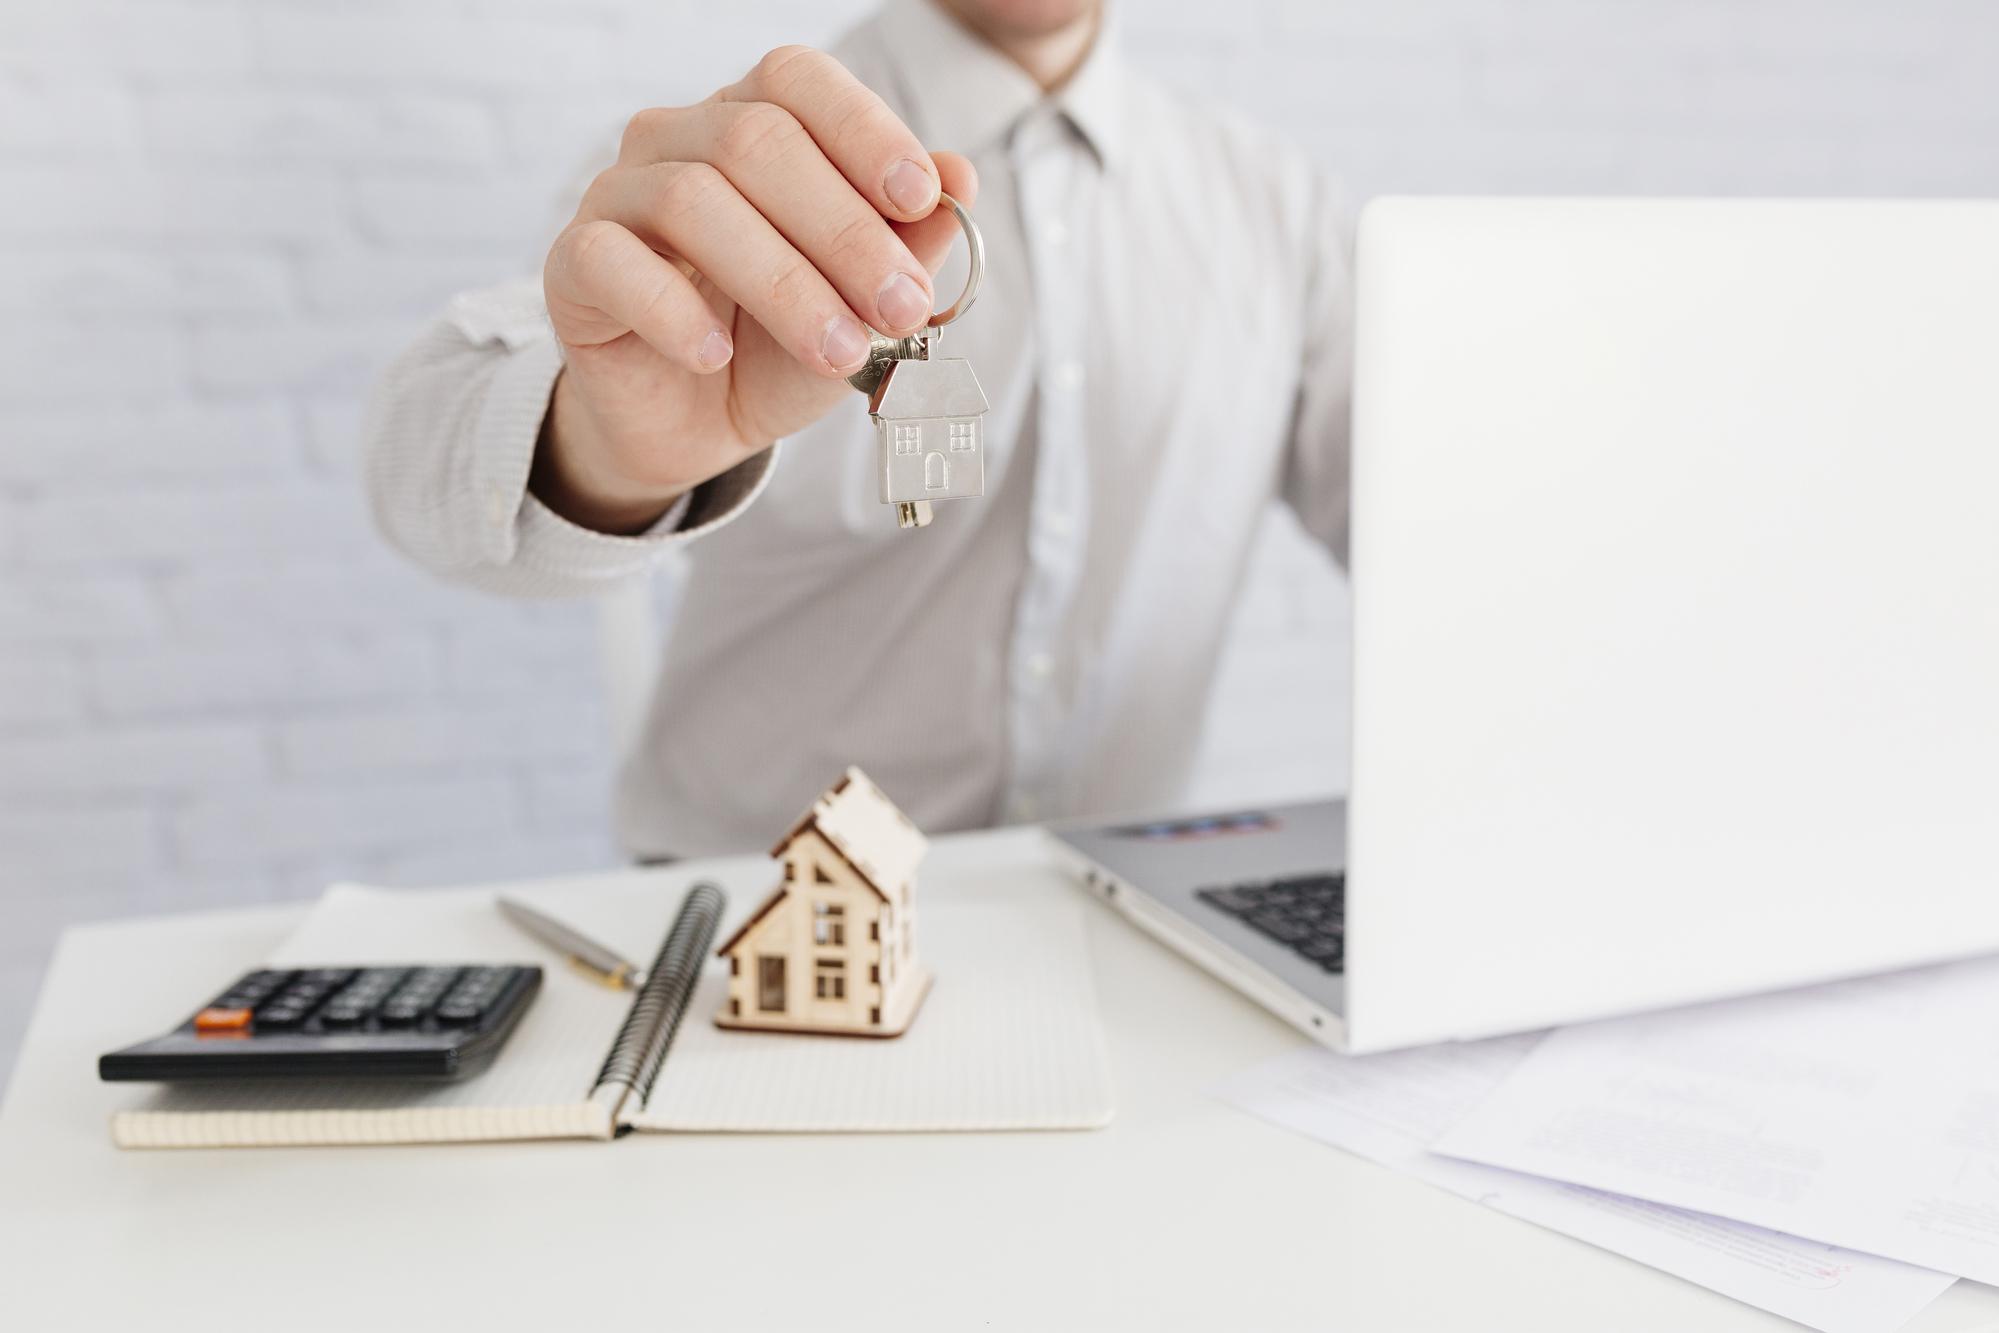 Saiba como o corretor de imóveis pode te ajudar no processo de compra